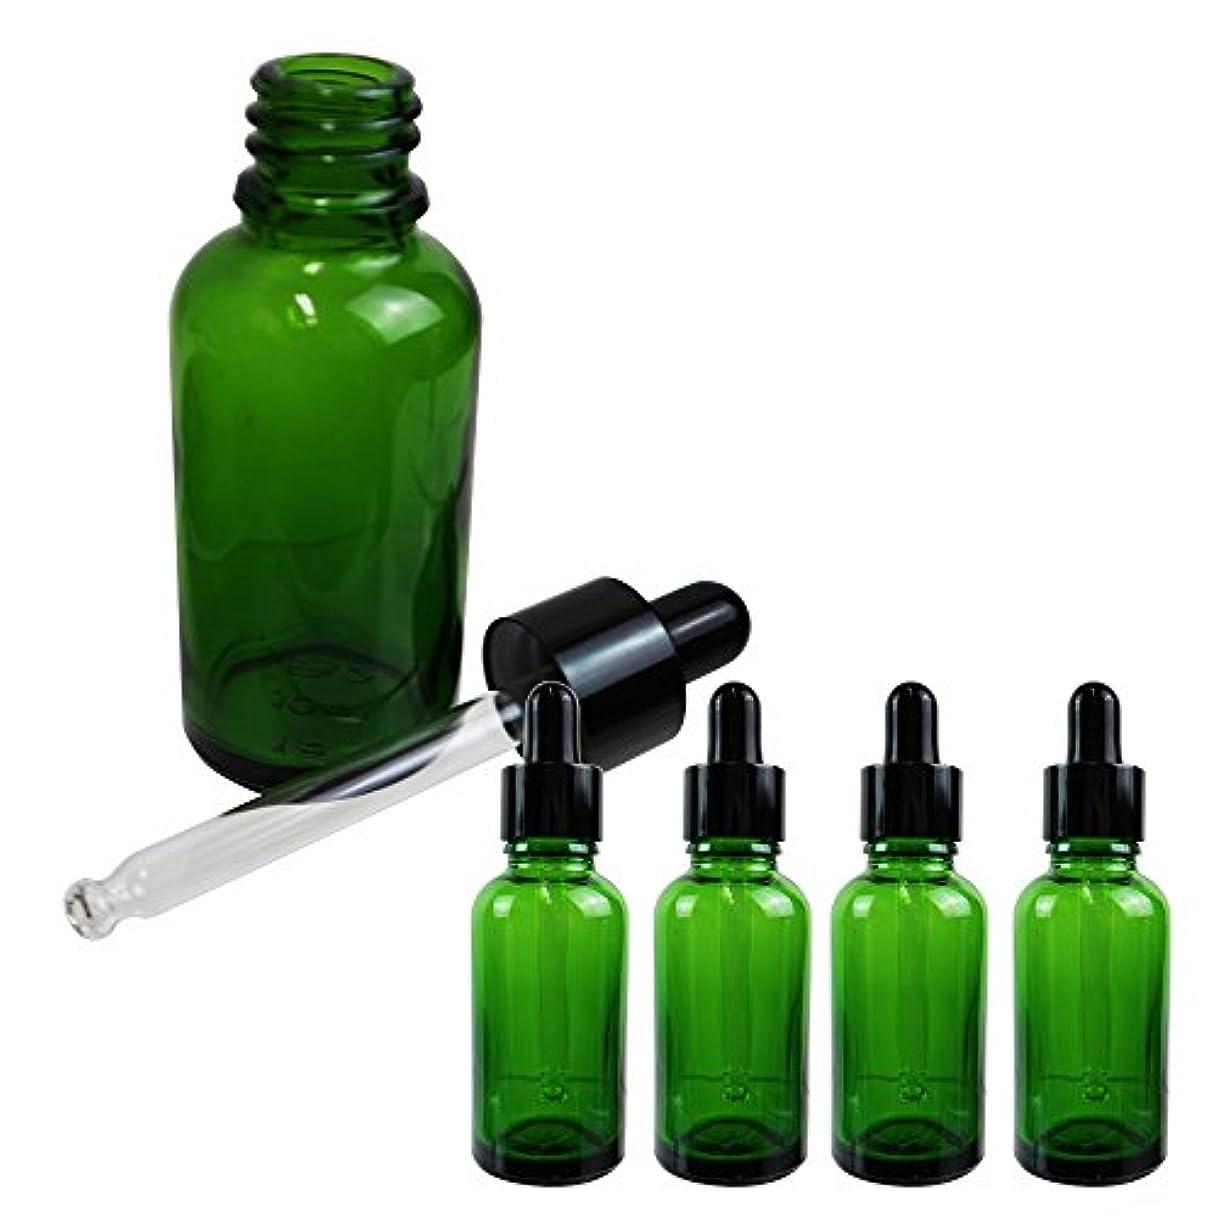 付けるパイロット自宅でSunlitous スポイト付き遮光瓶 香水 アロマ 化粧水 小分け 保存用 30ml 5本セット (グリーン)